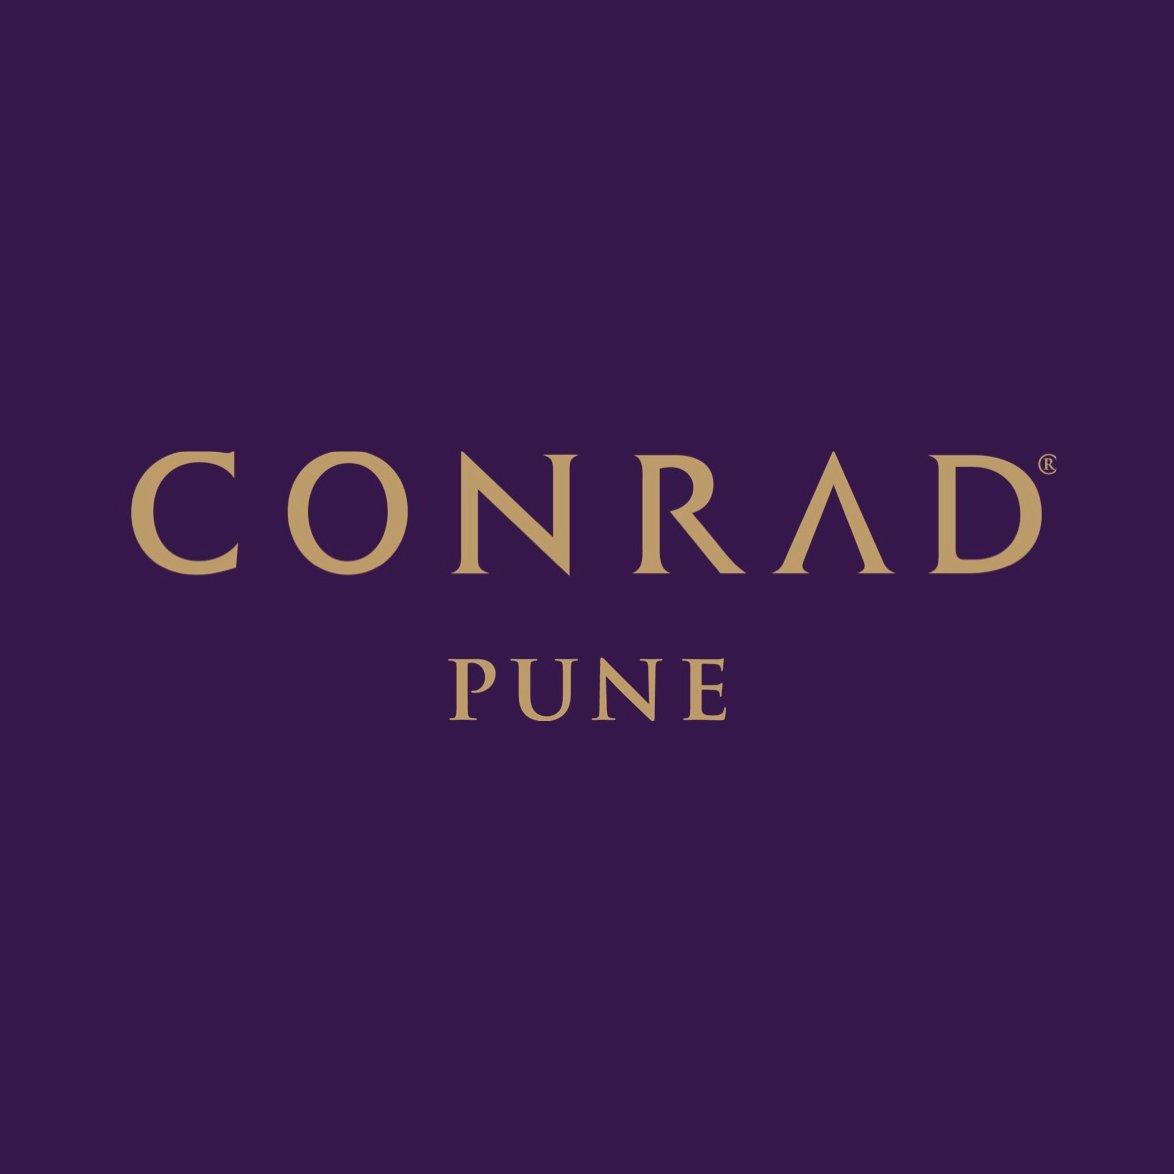 @Conrad_Pune